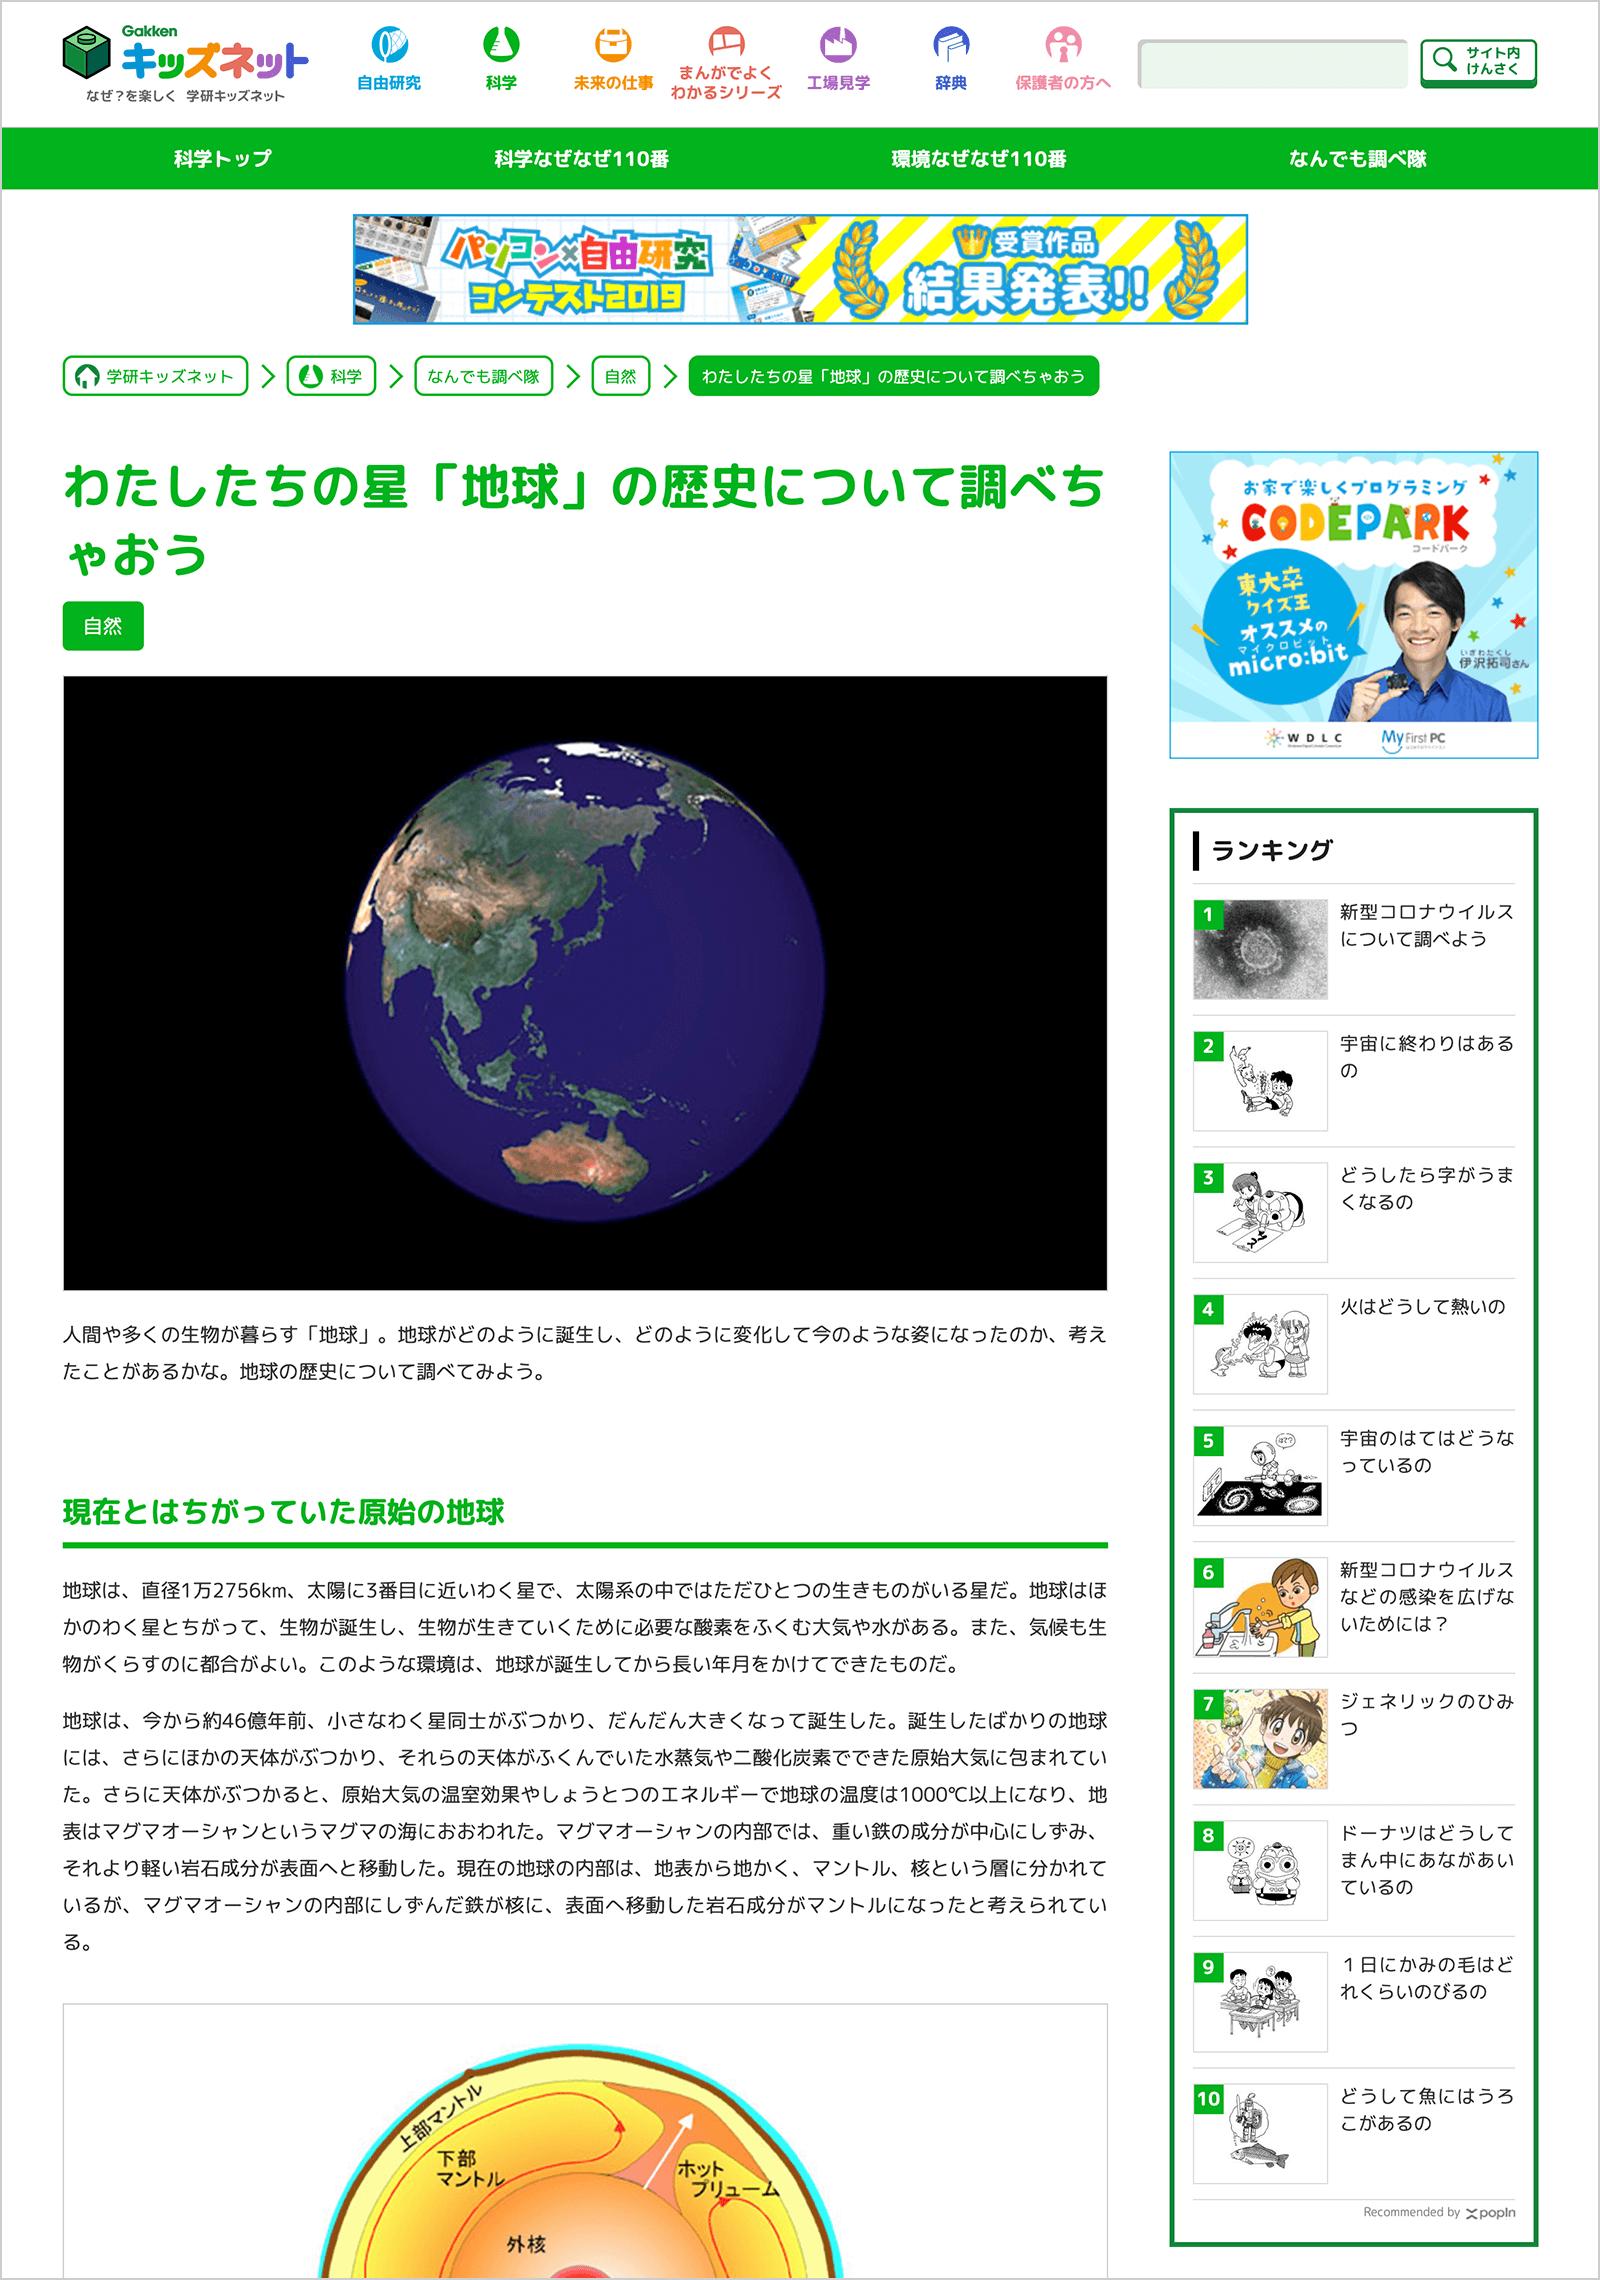 学研キッズネット コンテンツポータルサイト 科学コンテンツ